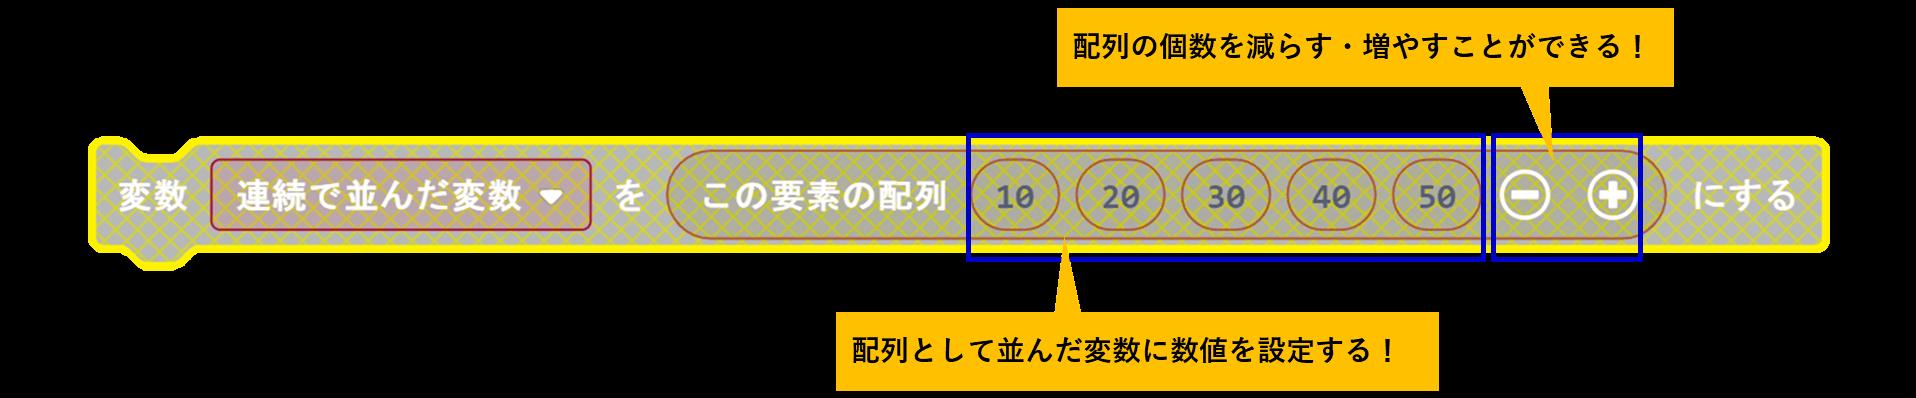 配列に個数と数値を設定する